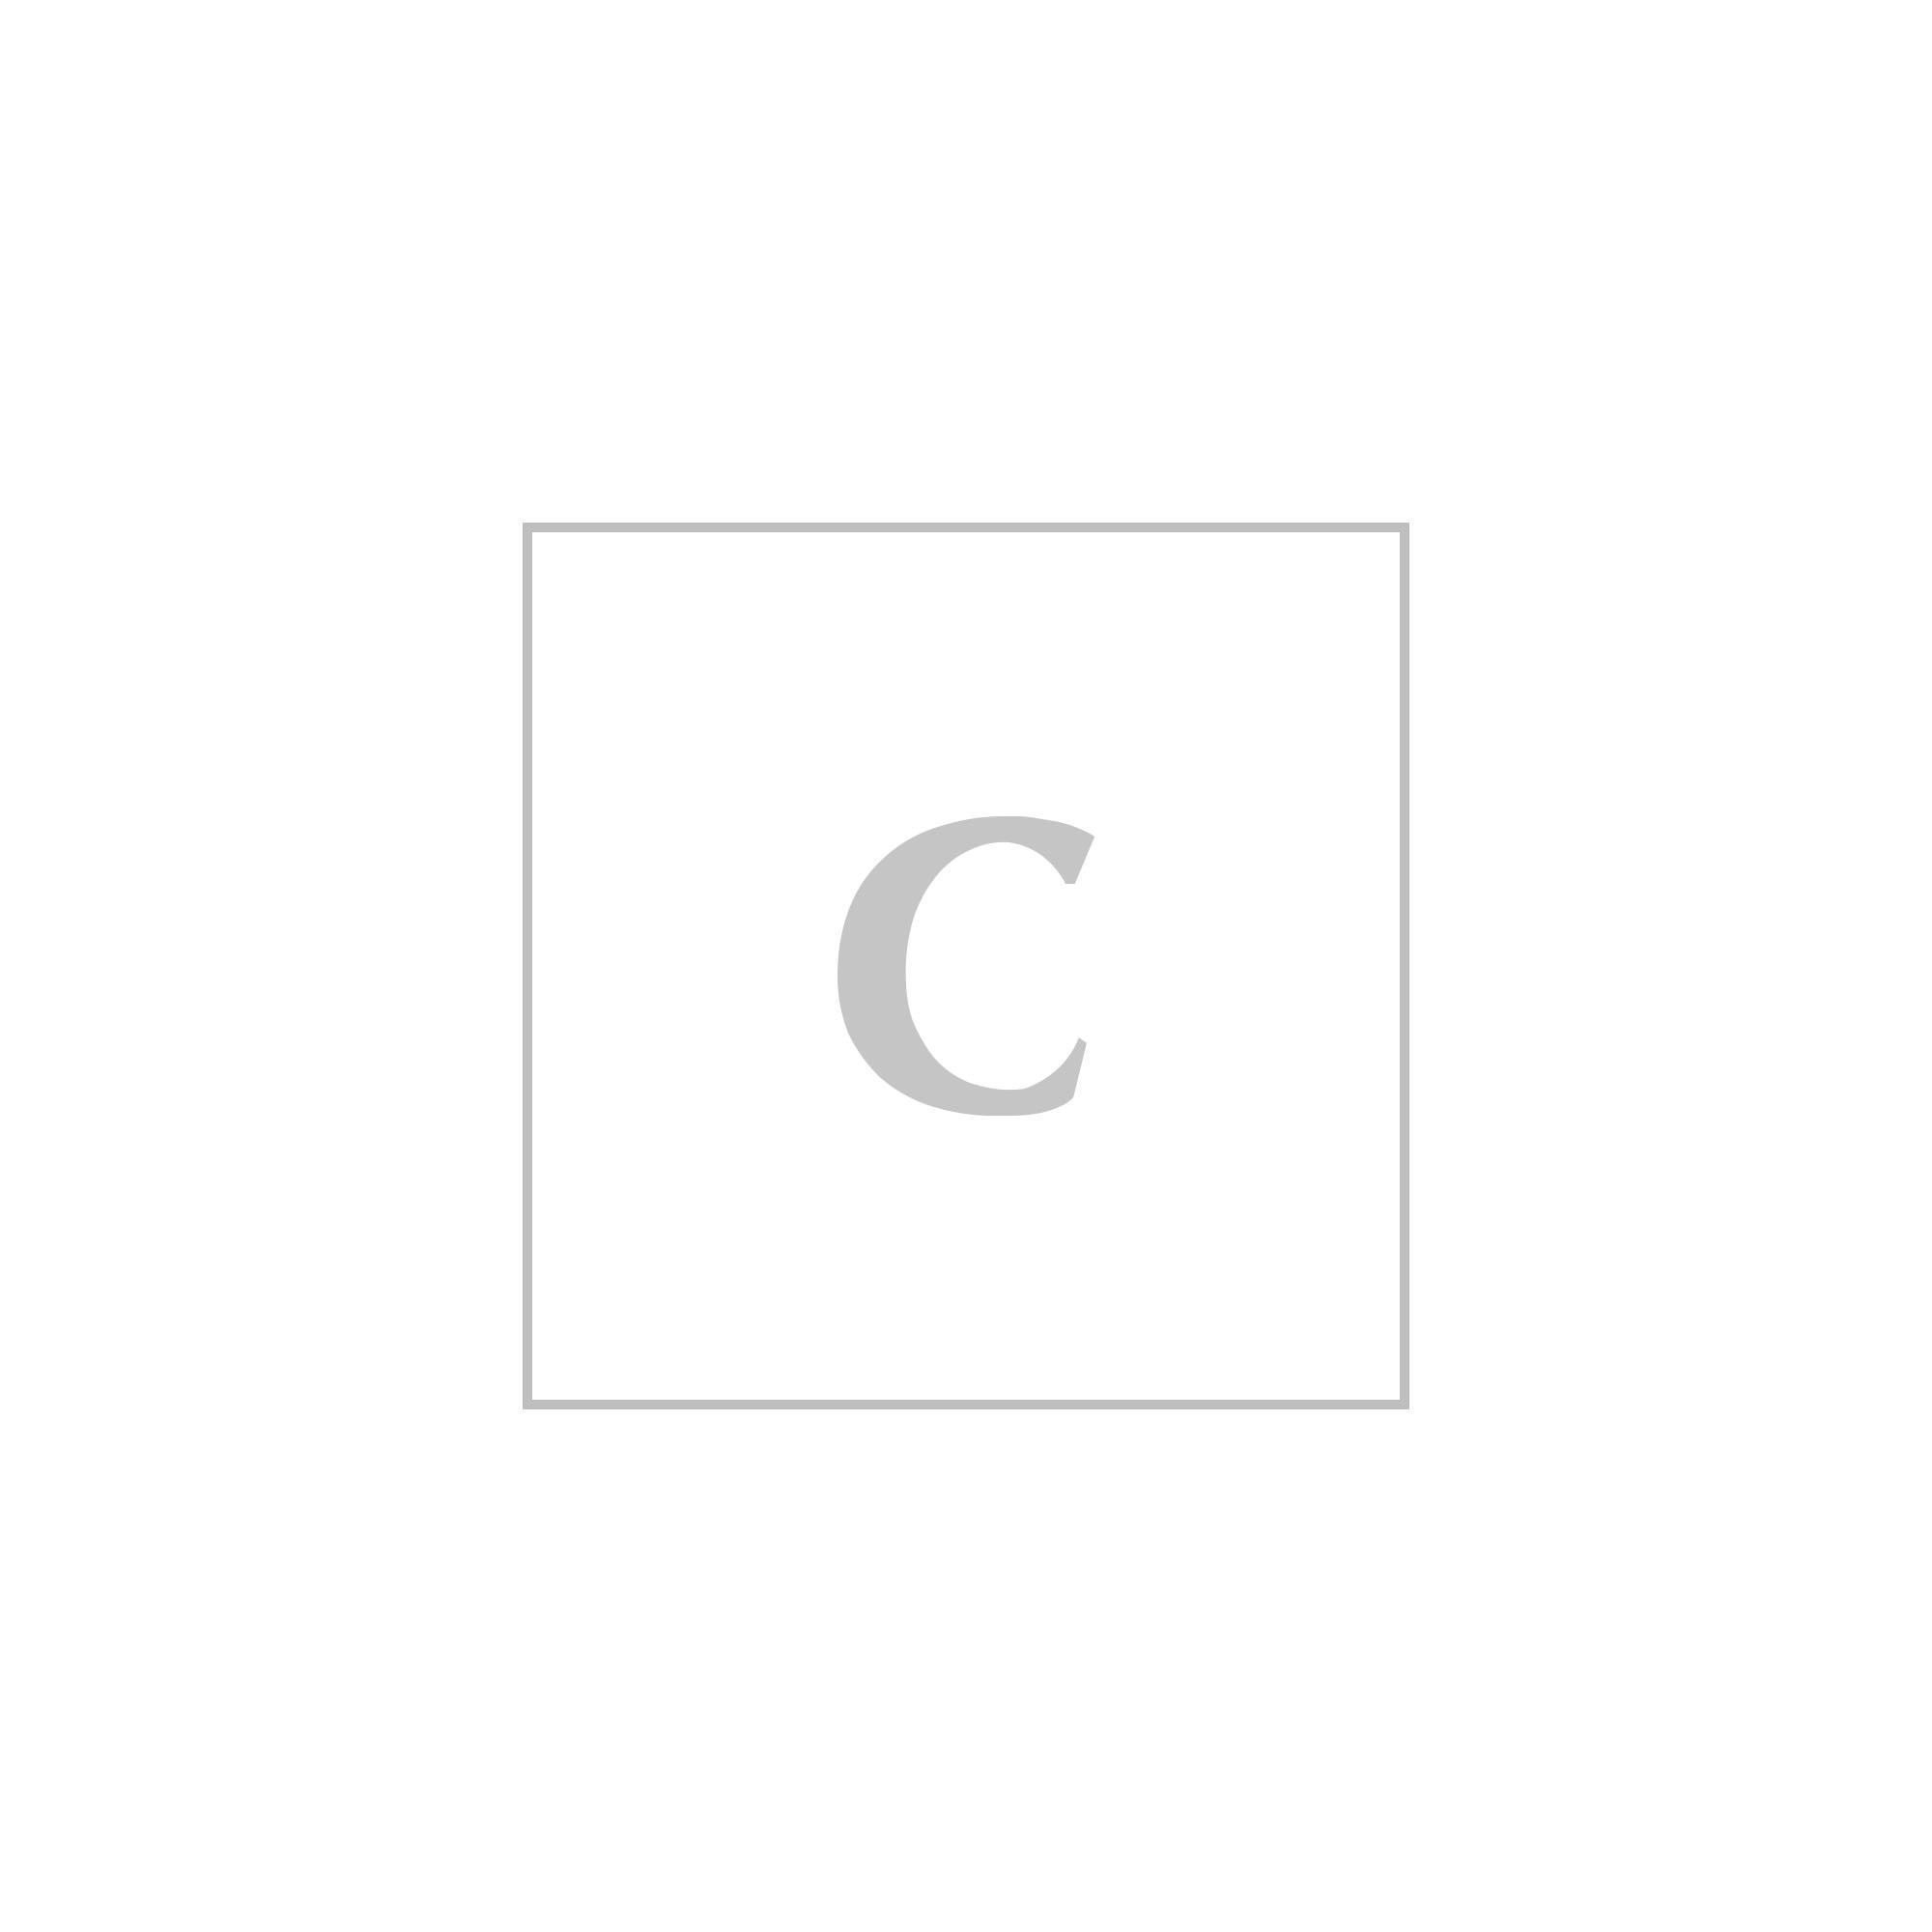 Salvatore ferragamo p.foglio 22a926 198 tissu soft squadrato